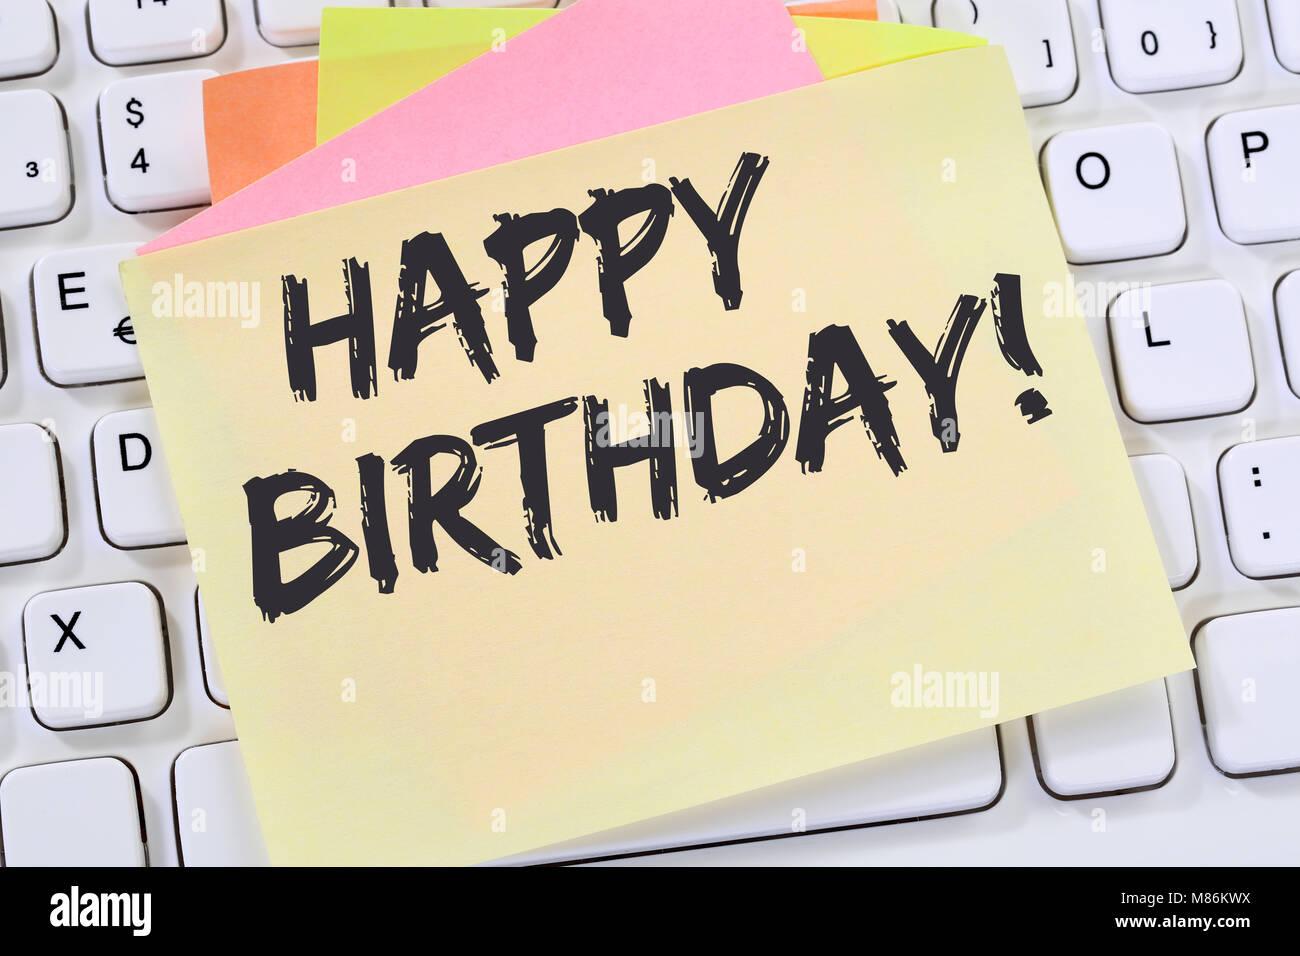 Buon compleanno saluti celebrazione business carta nota della tastiera del computer Immagini Stock